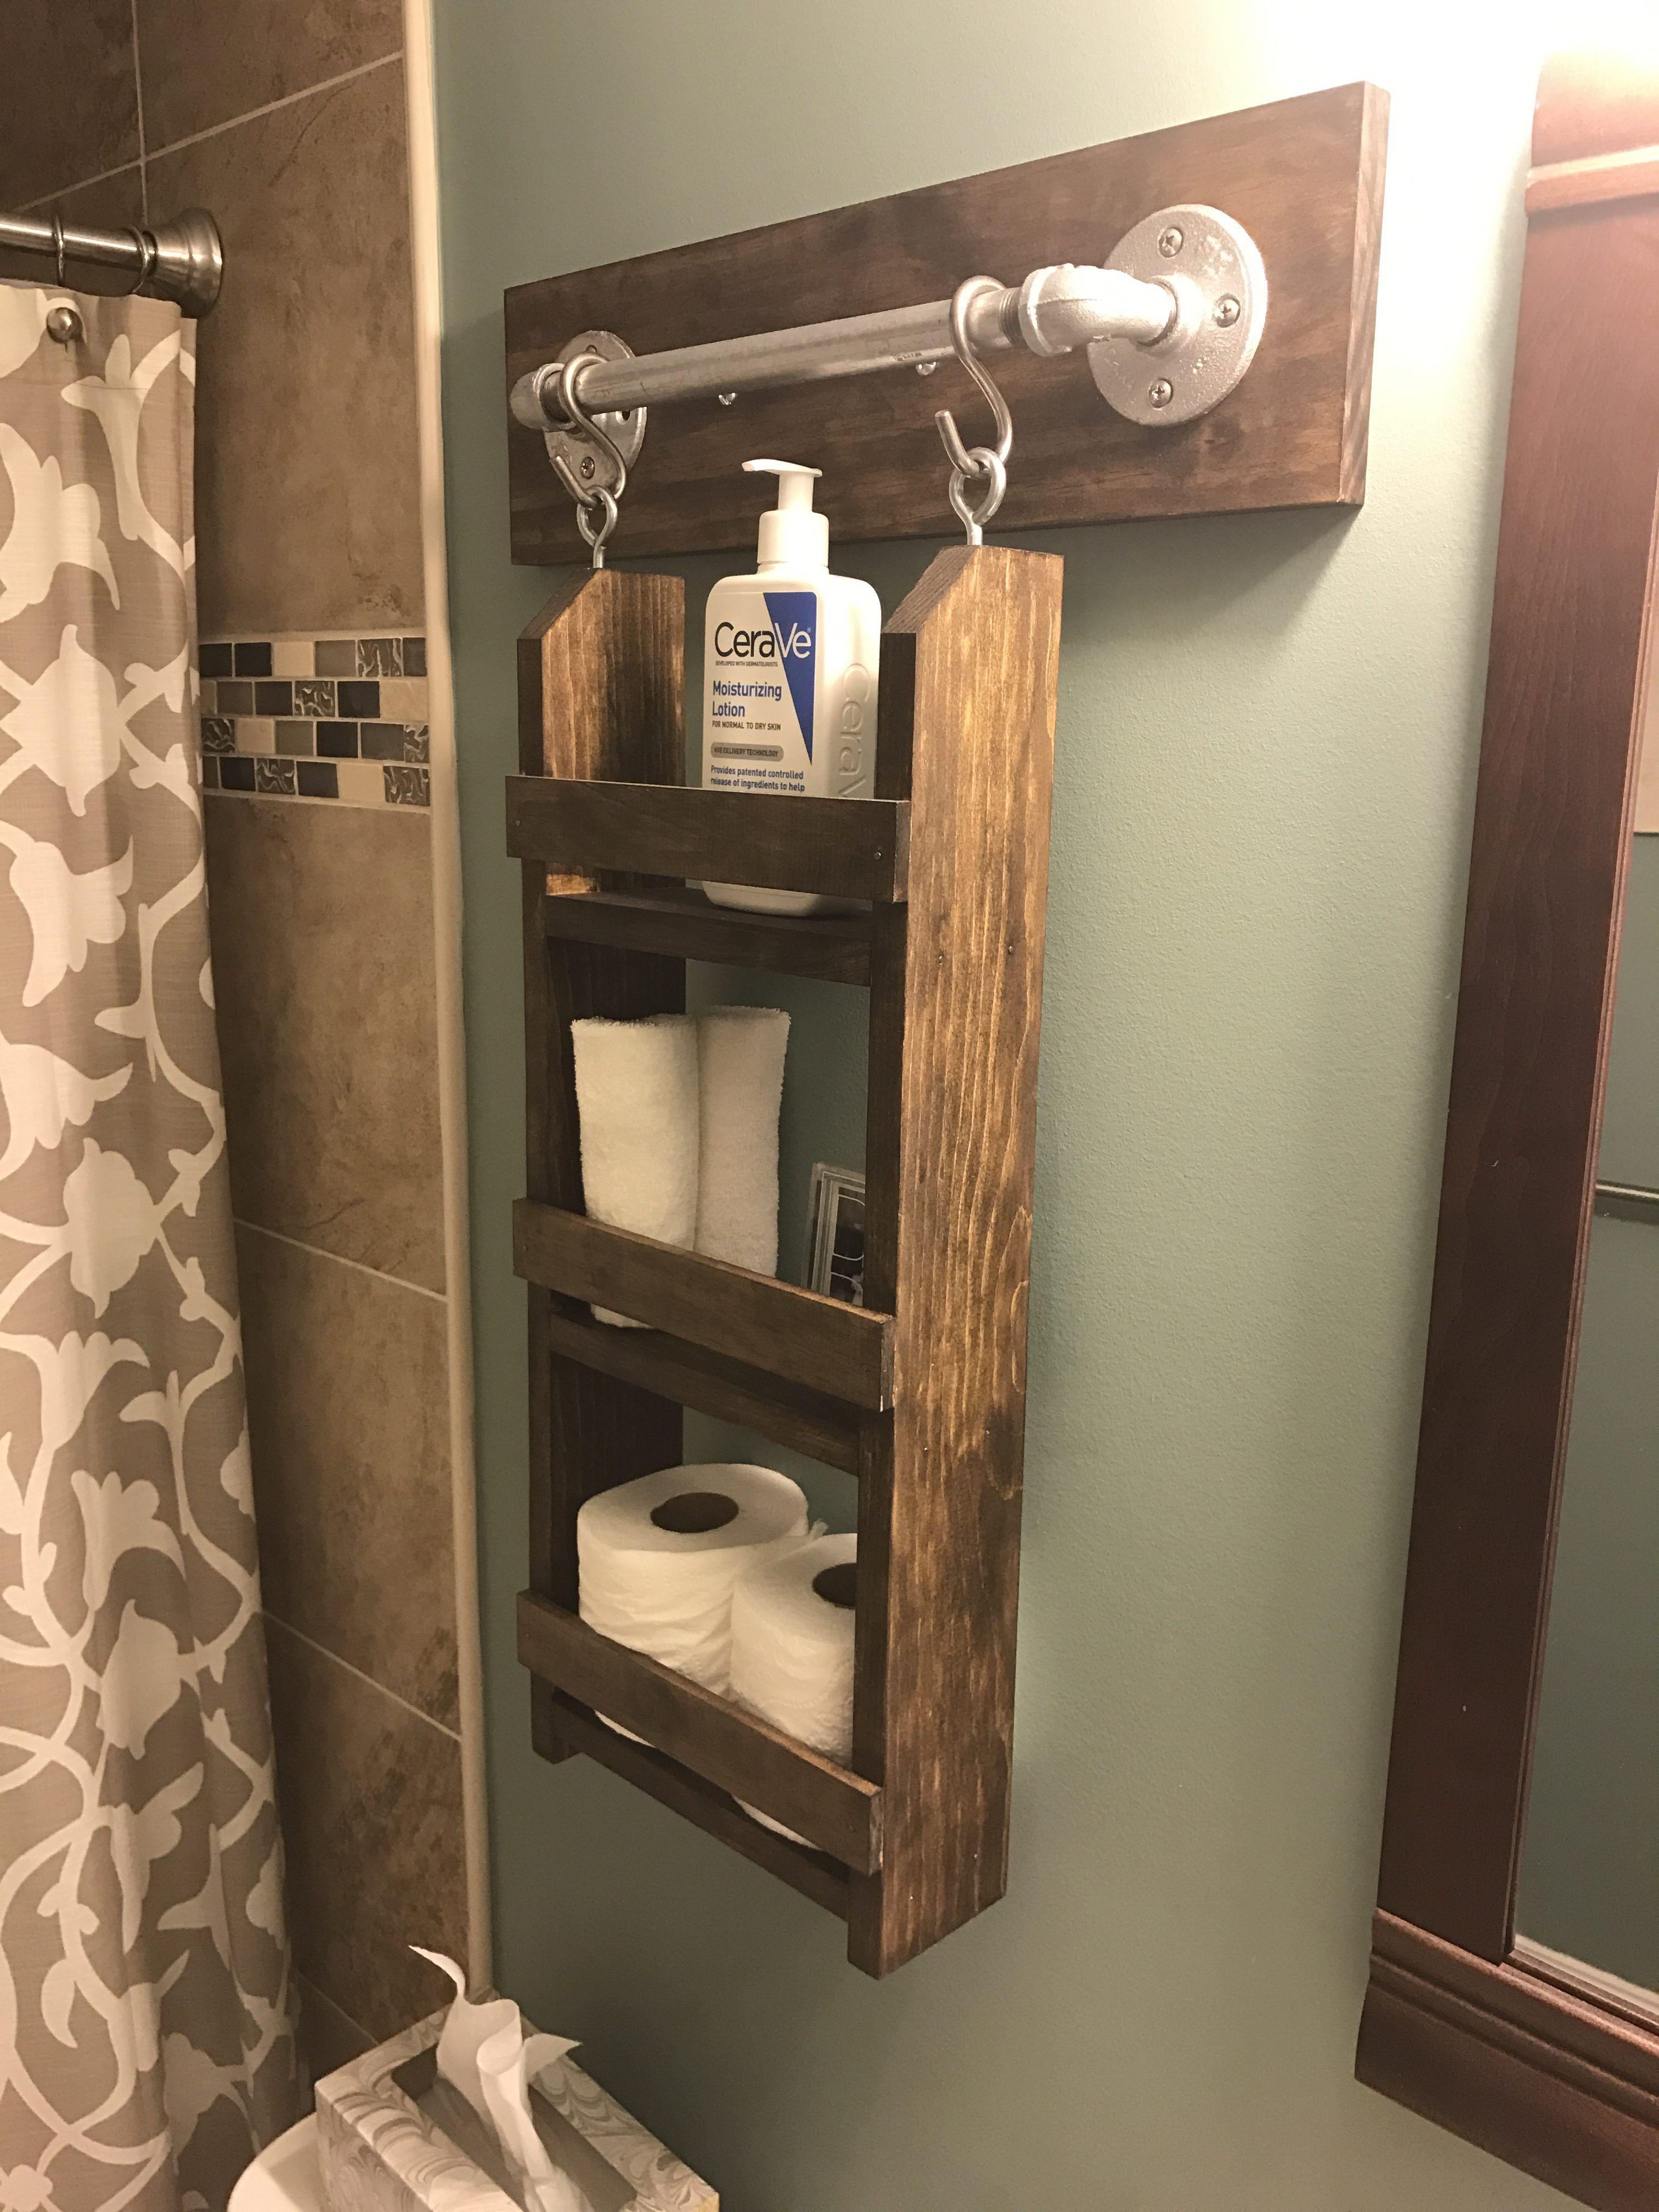 Bathroom Wall Organizer Step By Step Instructions Chisel Fork Bathroom Wall Storage Wall Hanging Storage Bathroom Wall Hanging